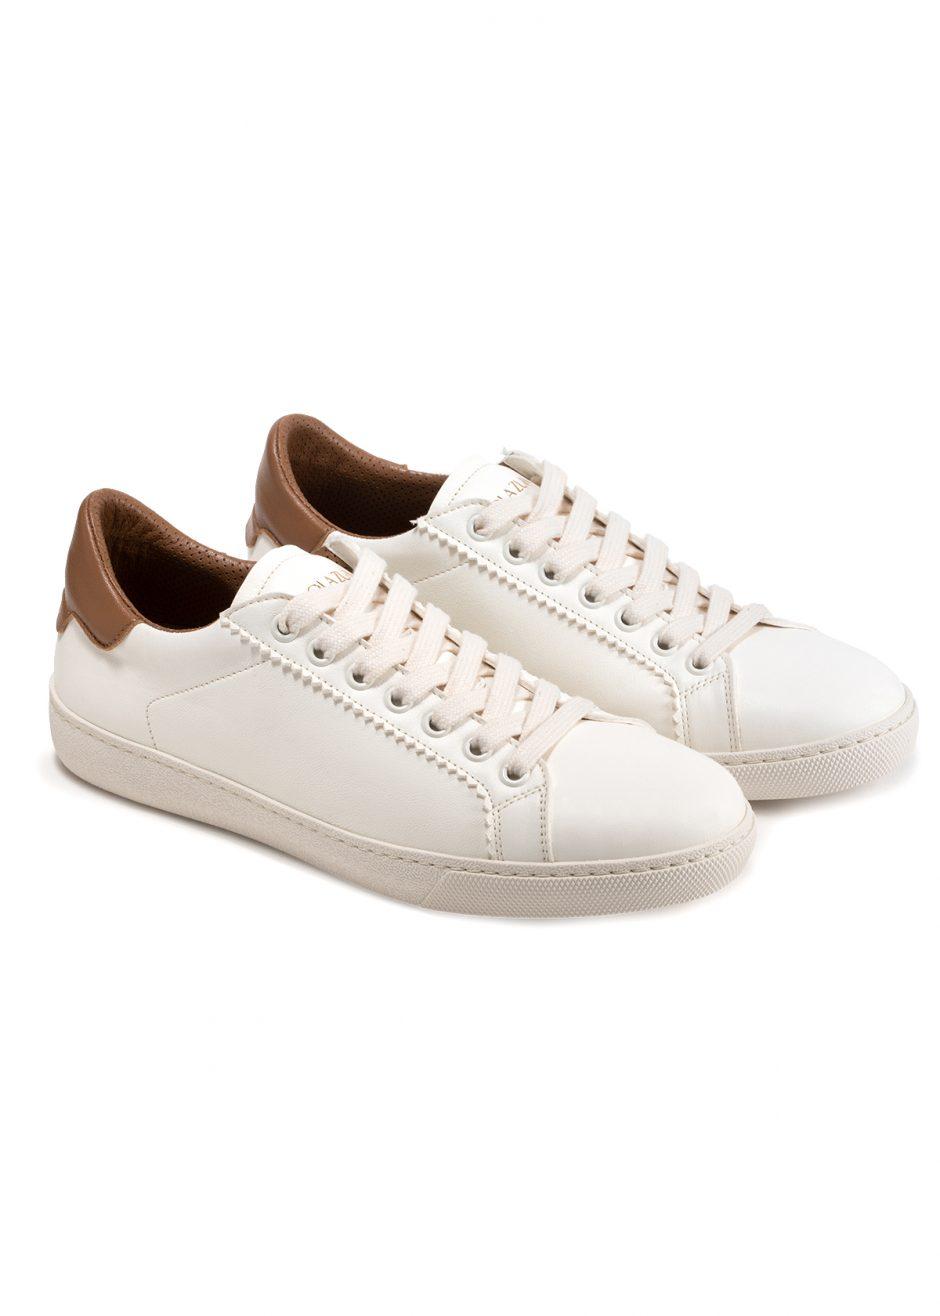 Jackie – Sneakers milk kid leather